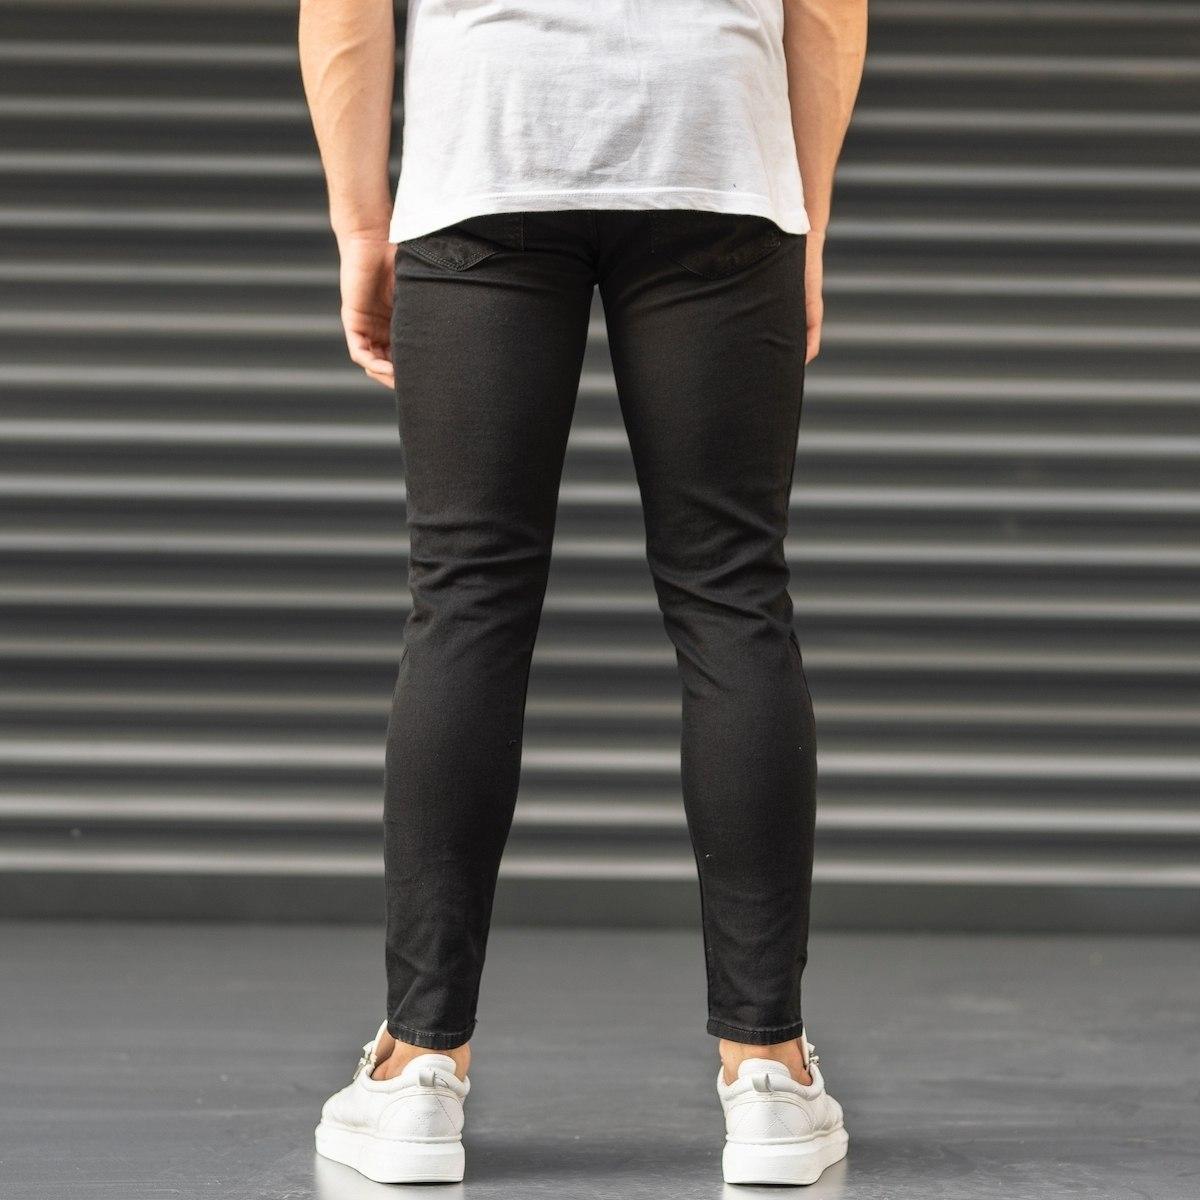 Ripped Jeans In Black Mv Premium Brand - 4